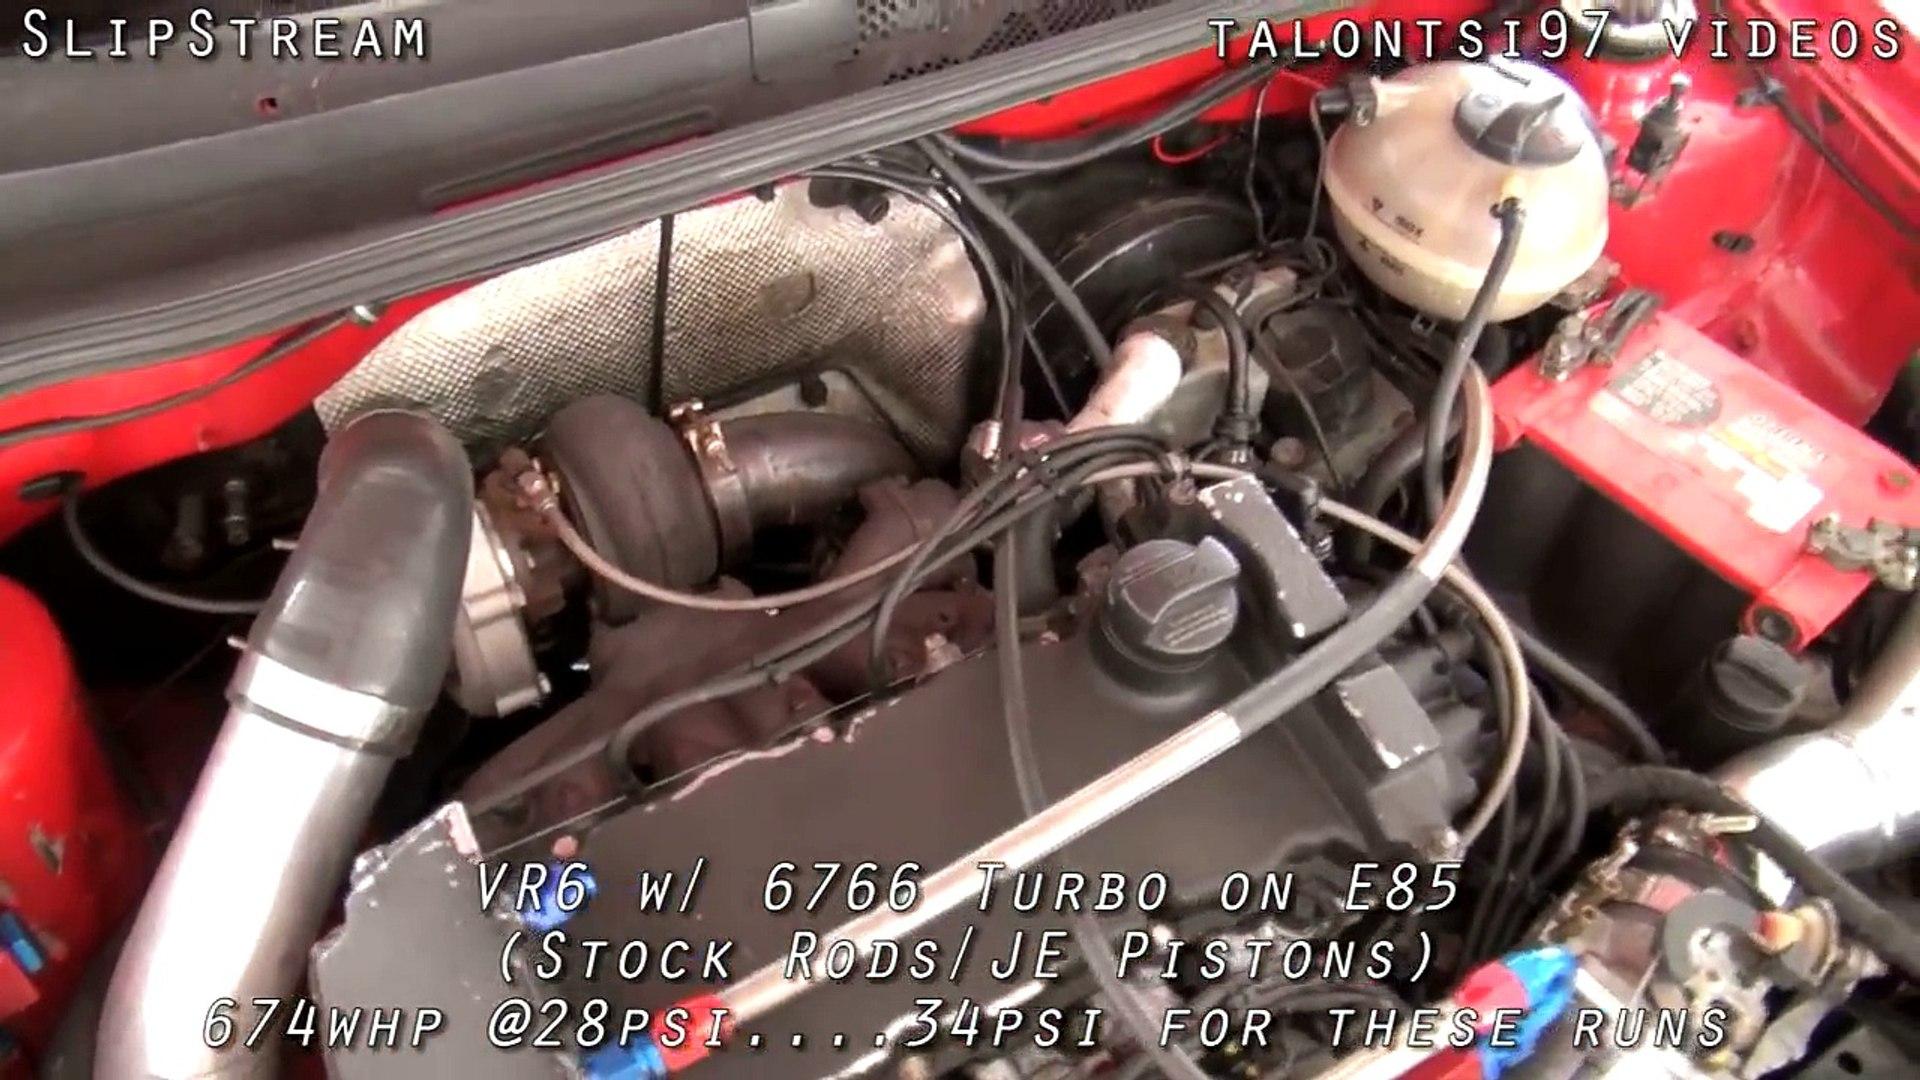 GOLF 3 VR6 TURBO GTI 700 HP roll racing! GTR M5 ZL1 kills